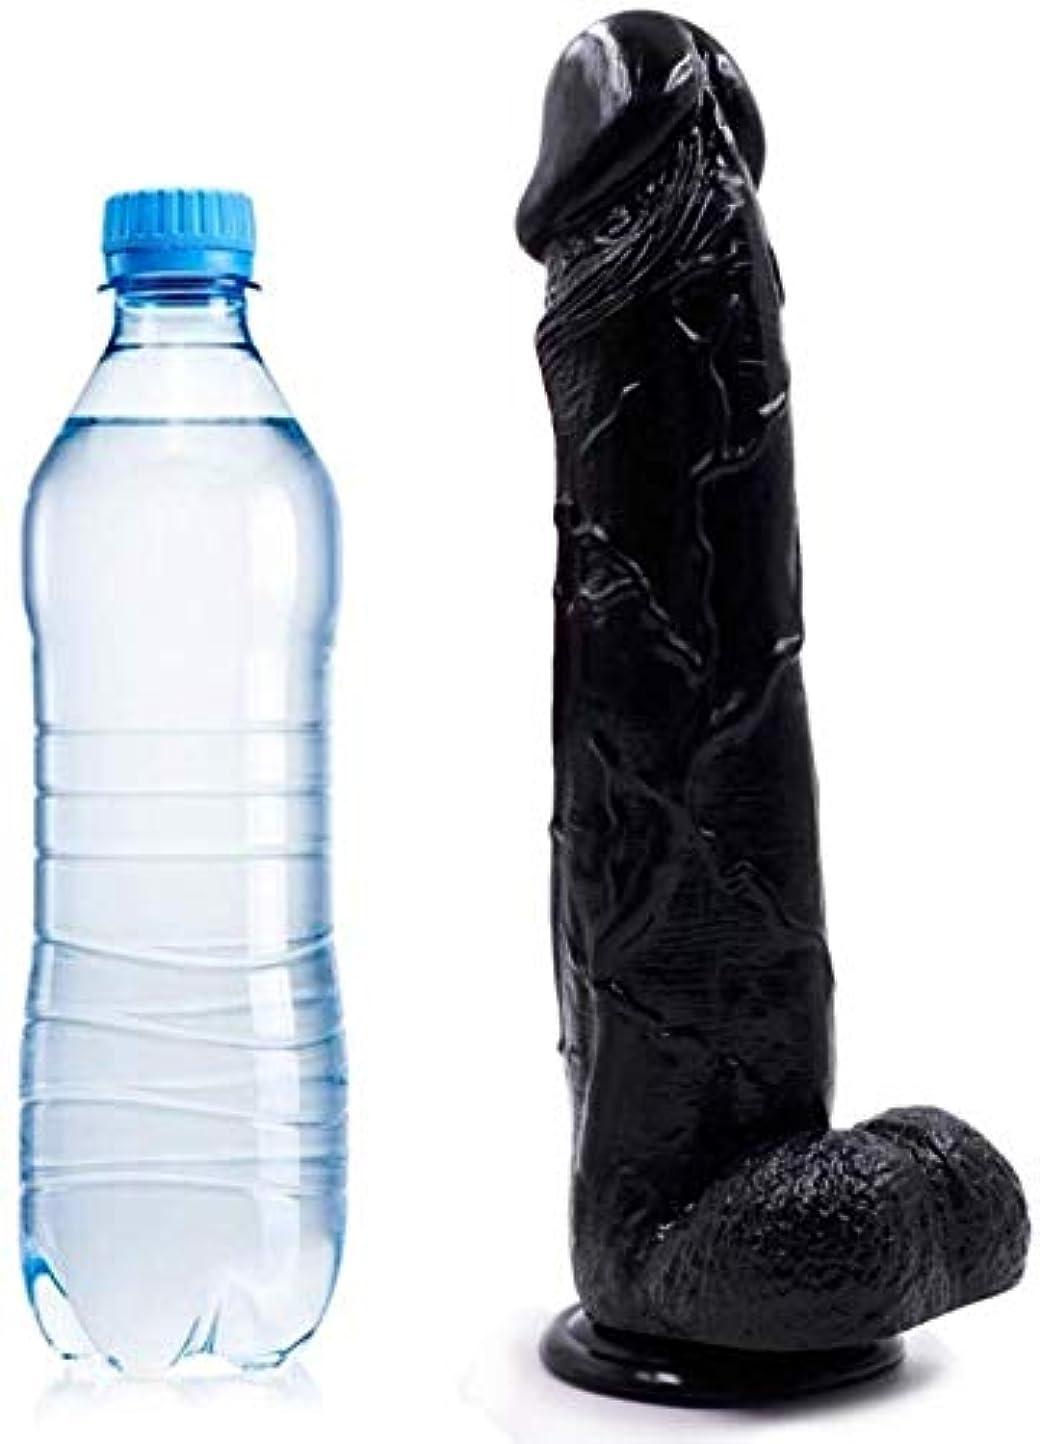 プライムアクロバットシャックル女性のサクションカップのための現実的なDìdlõš、大人のおもちゃ、M-ásságerワンド